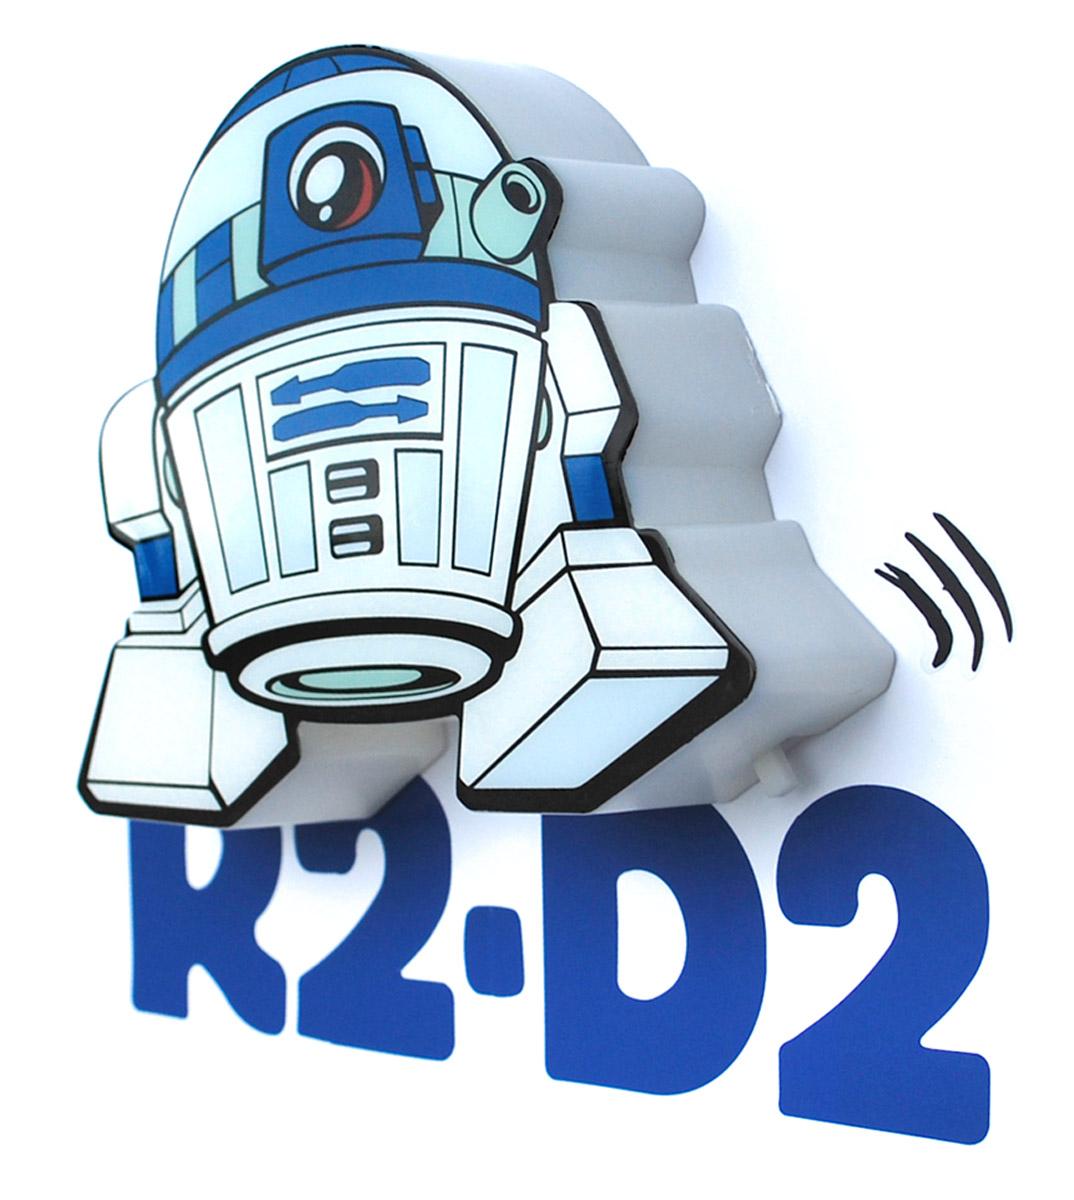 Пробивной 3D мини-светильник Star Wars R2-D2 обязательно понравится вашему ребенку. Особенности: Безопасный: без проводов, работает от батареек (2хААА, не входят в комплект); Не нагревается: всегда можно дотронуться до изделия;   Реалистичный: 3D наклейка в комплекте; Фантастический: выглядит превосходно в любое время суток;    Удобный: простая установка (автоматическое выключение через полчаса непрерывной работы). Товар предназначен для детей старше 3 лет. ВНИМАНИЕ! Содержит мелкие детали, использовать под непосредственным наблюдением взрослых.